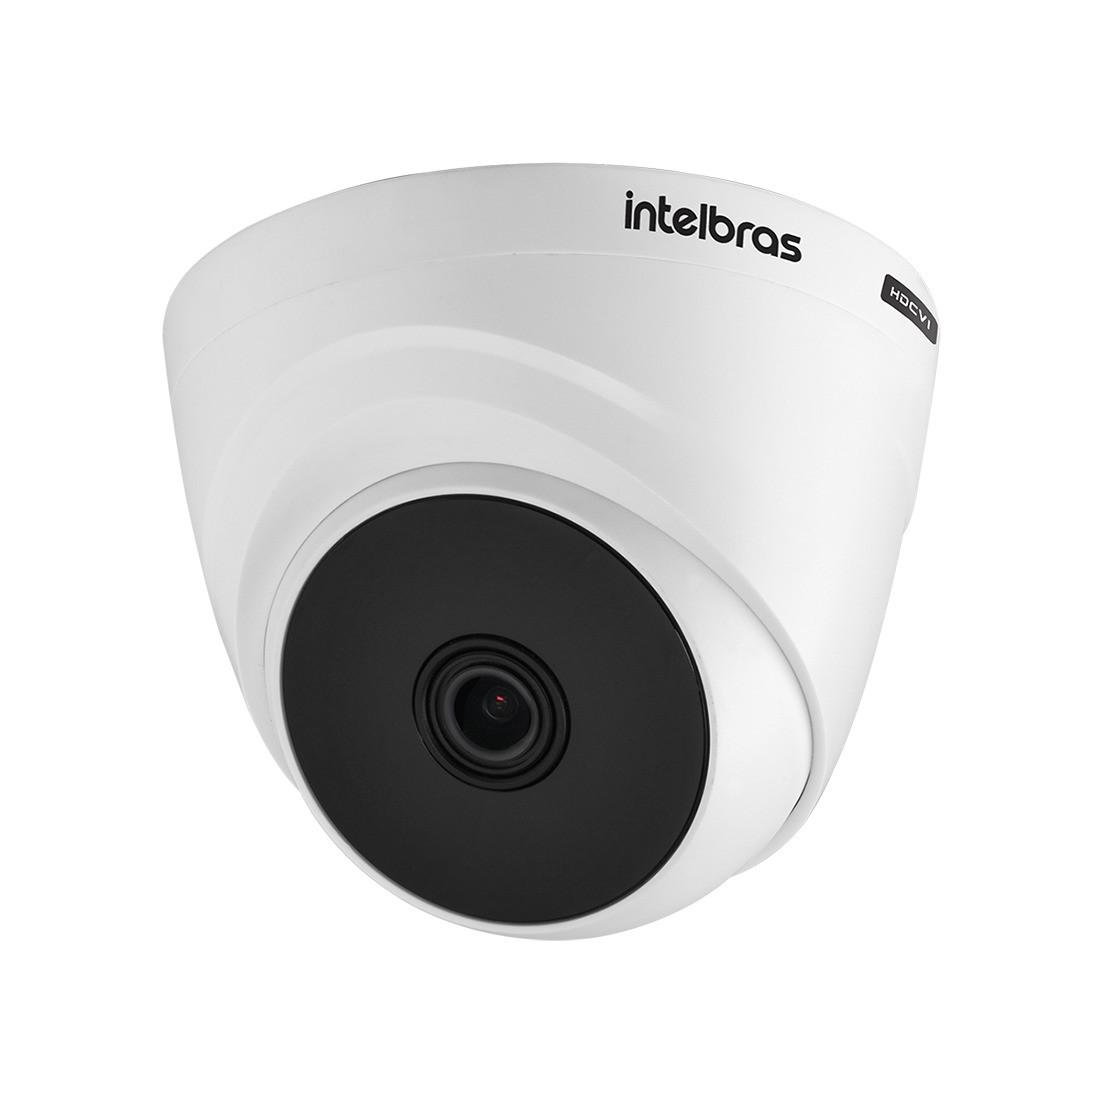 Kit 3 Câmeras de Segurança Dome Intelbras HD VHL 1120 D